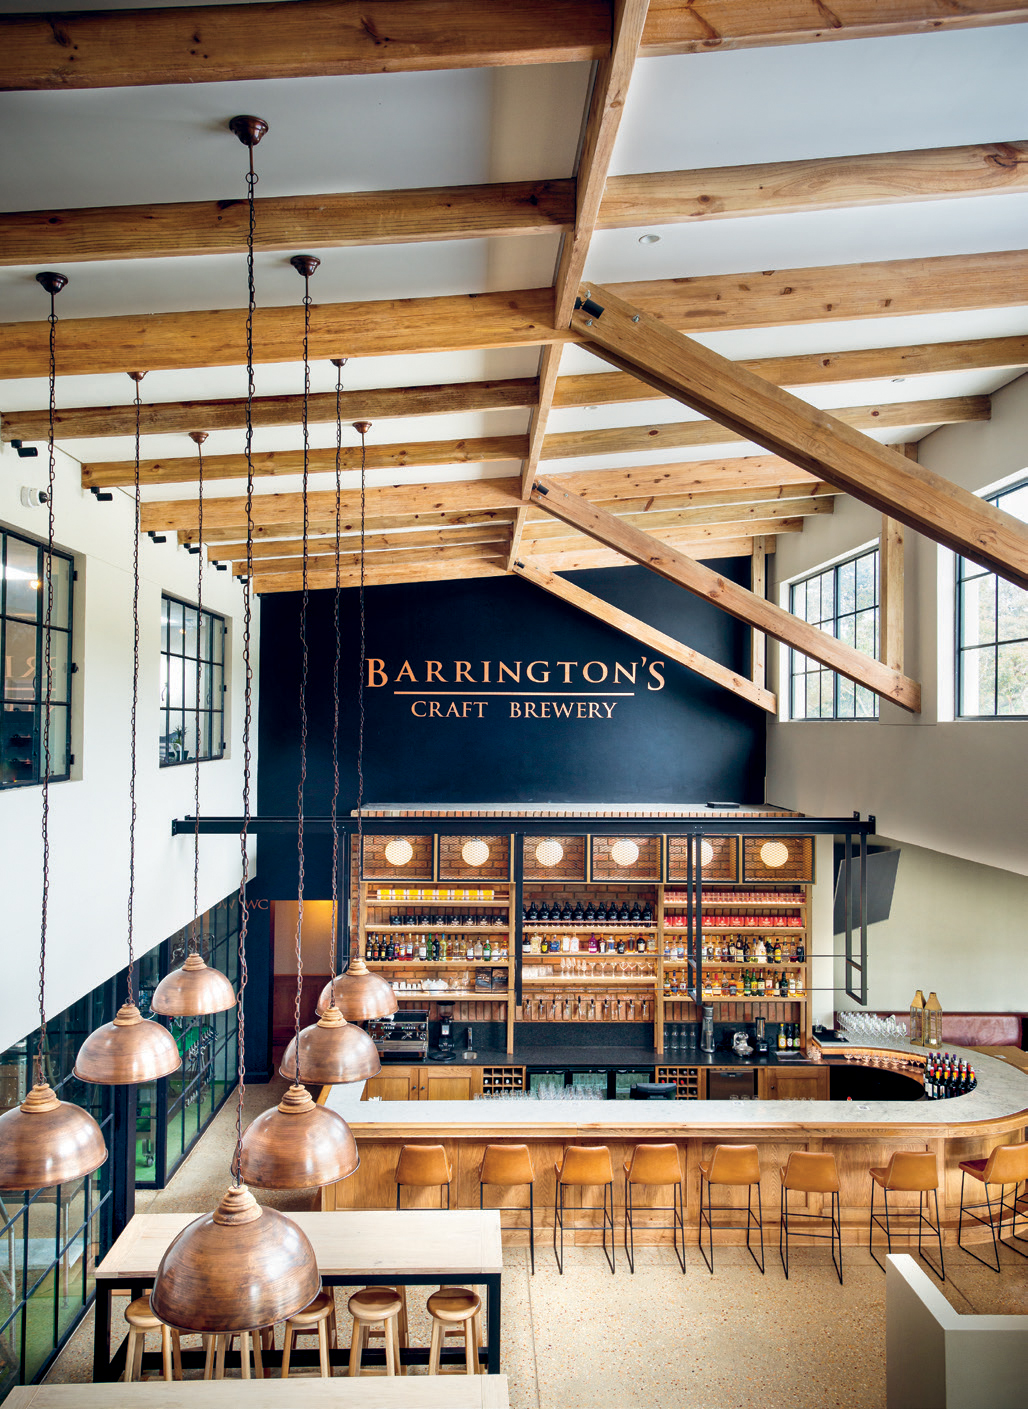 Barrington's